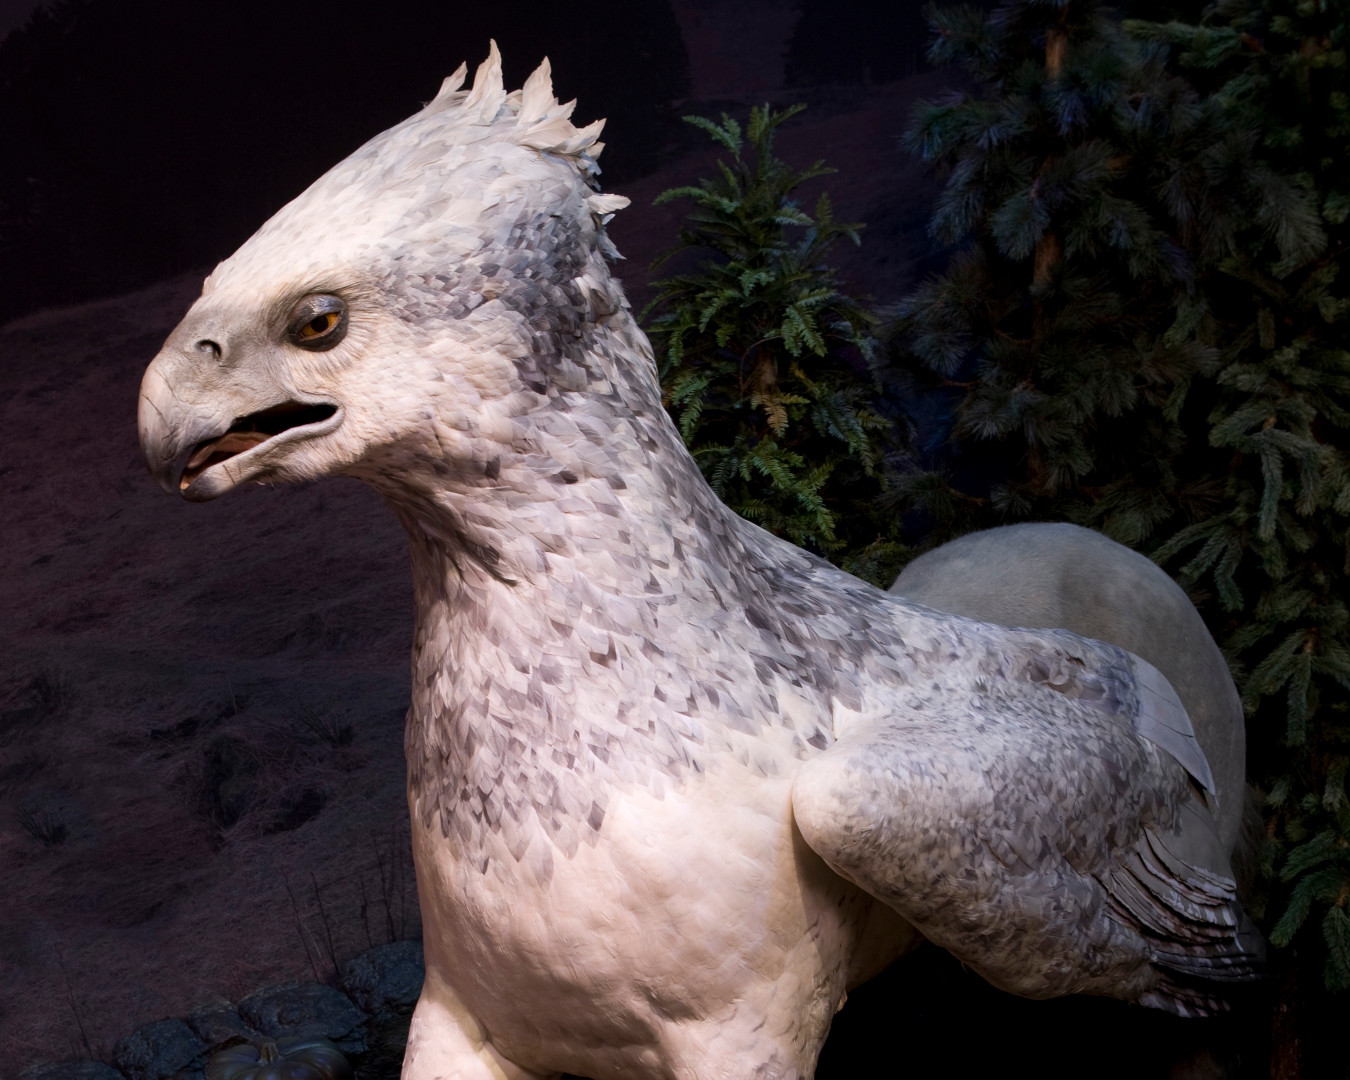 Une réplique de l'Hippogriffe d'Harry Potter